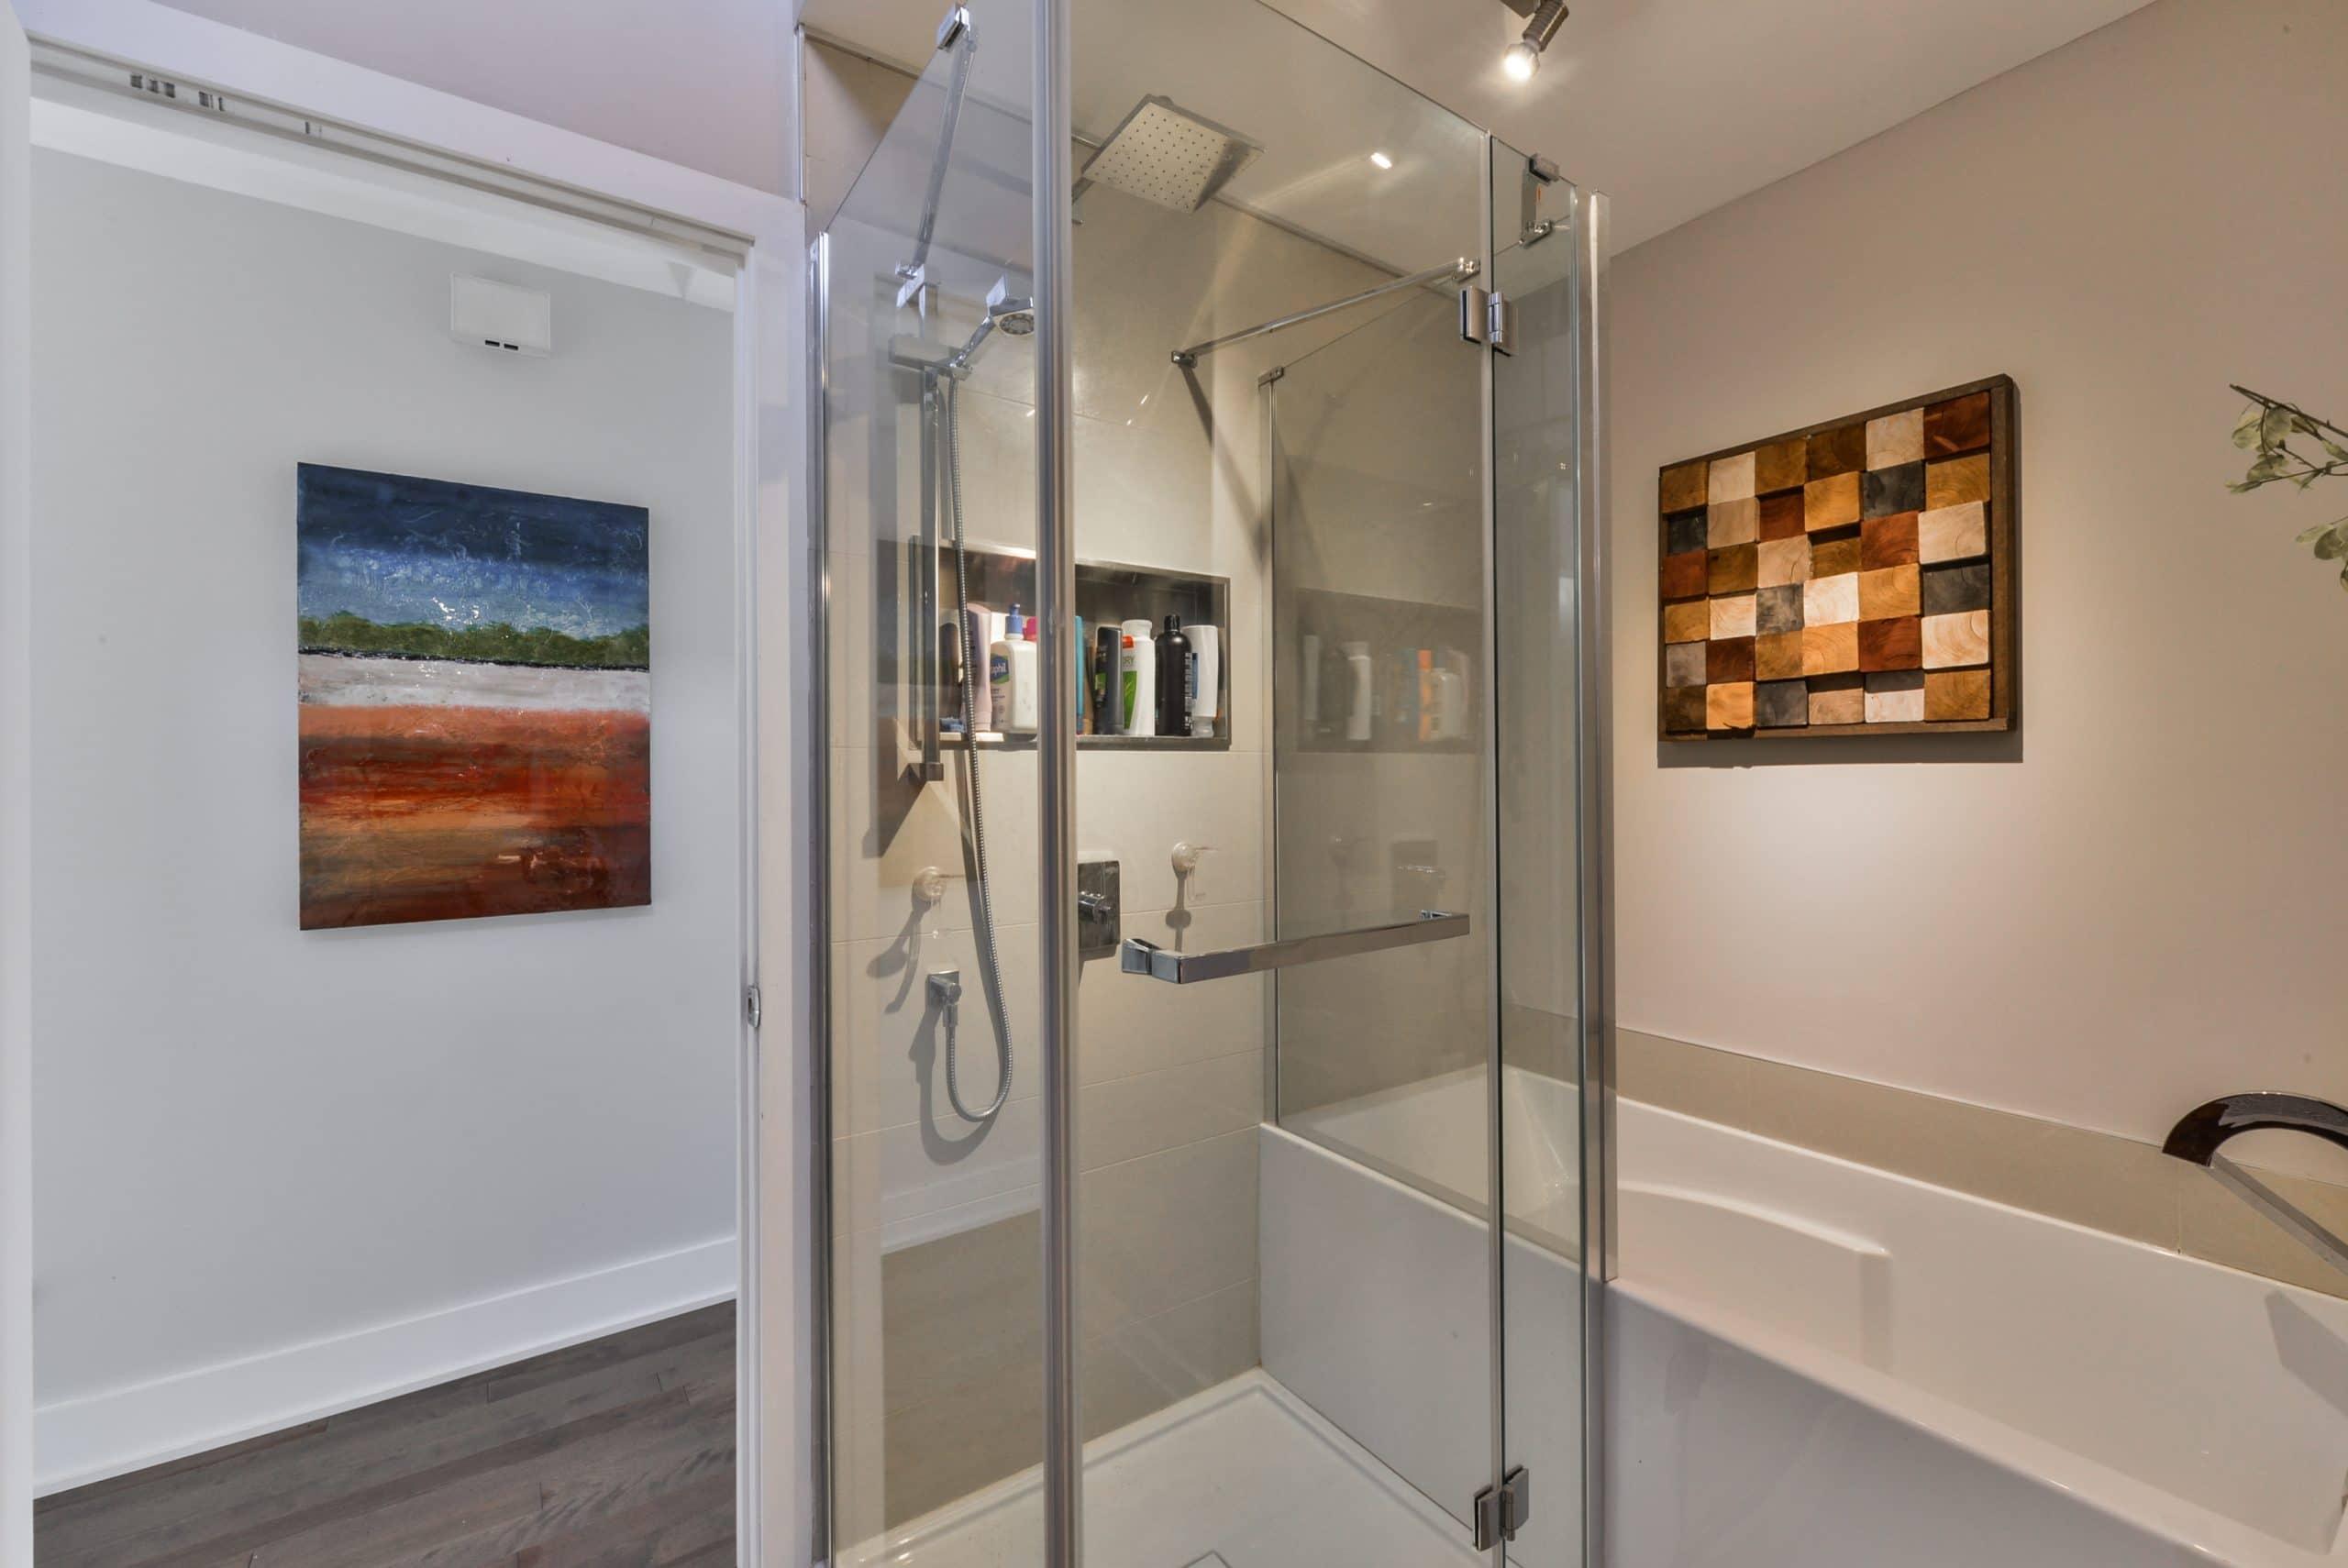 Rénovation d'une petite salle de bain avec le bain-douche de Océania Attitude